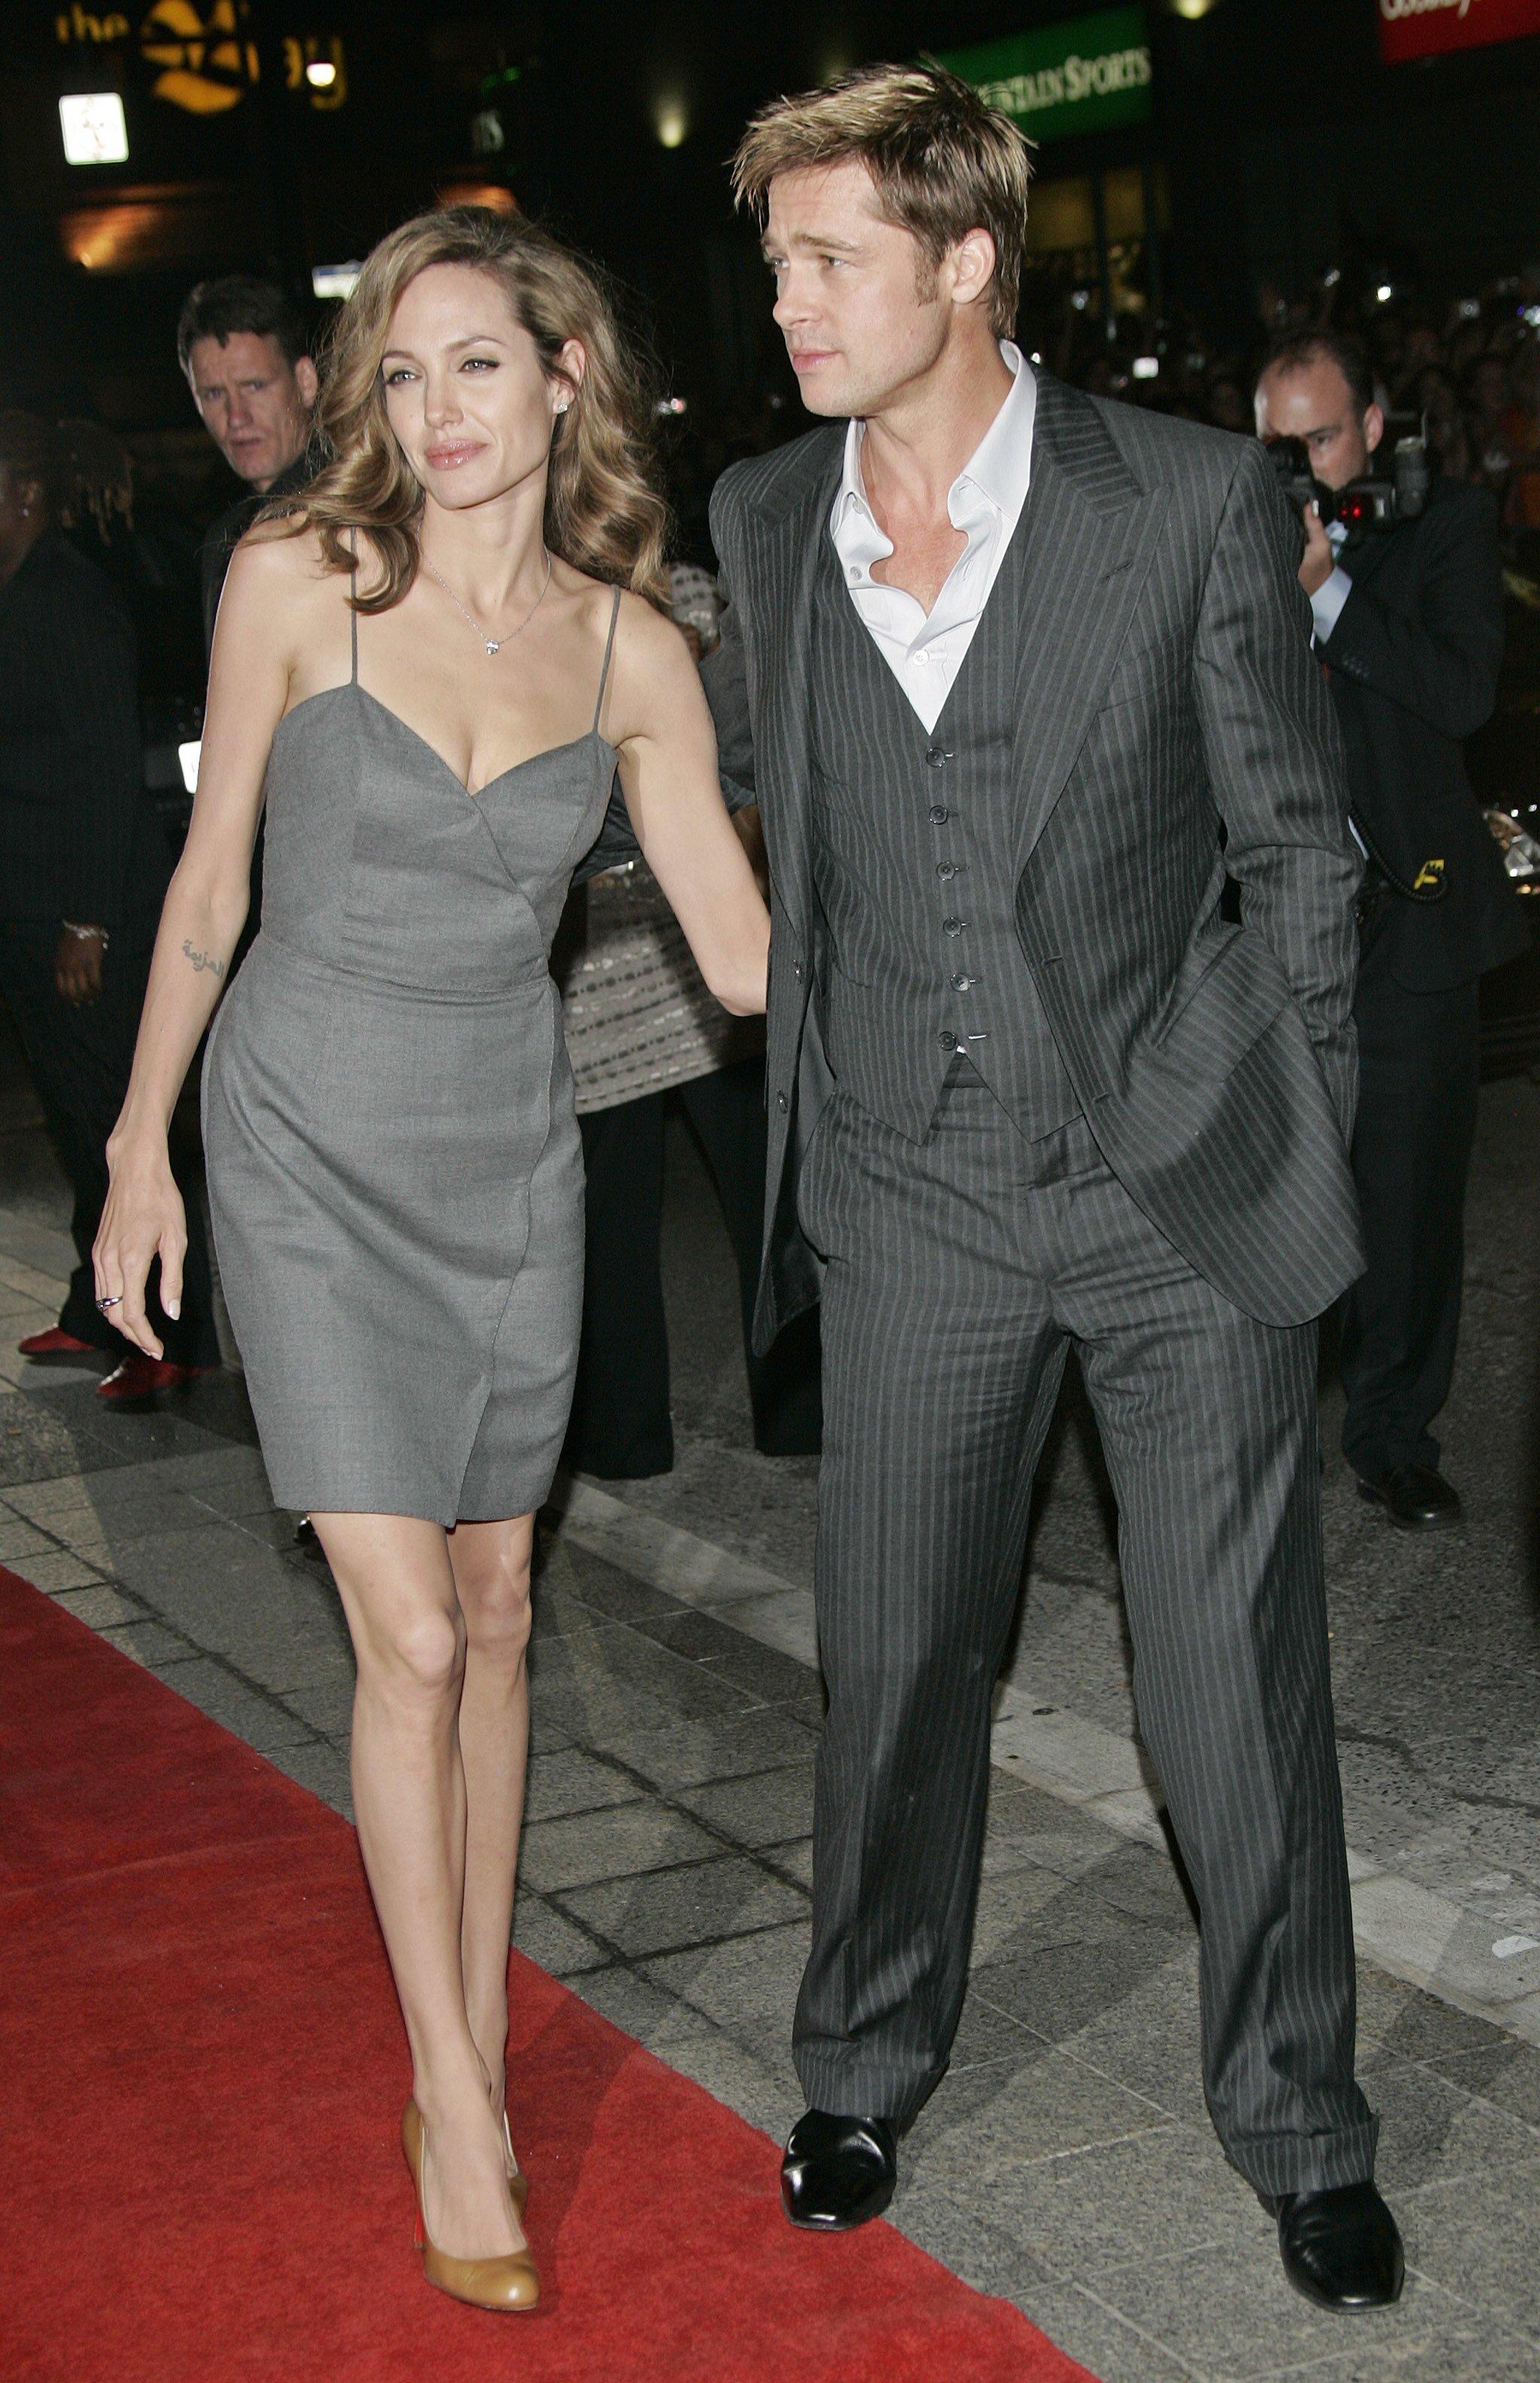 Было — стало: как изменилась Анджелина Джоли внешне и ... анджелина джоли сейчас